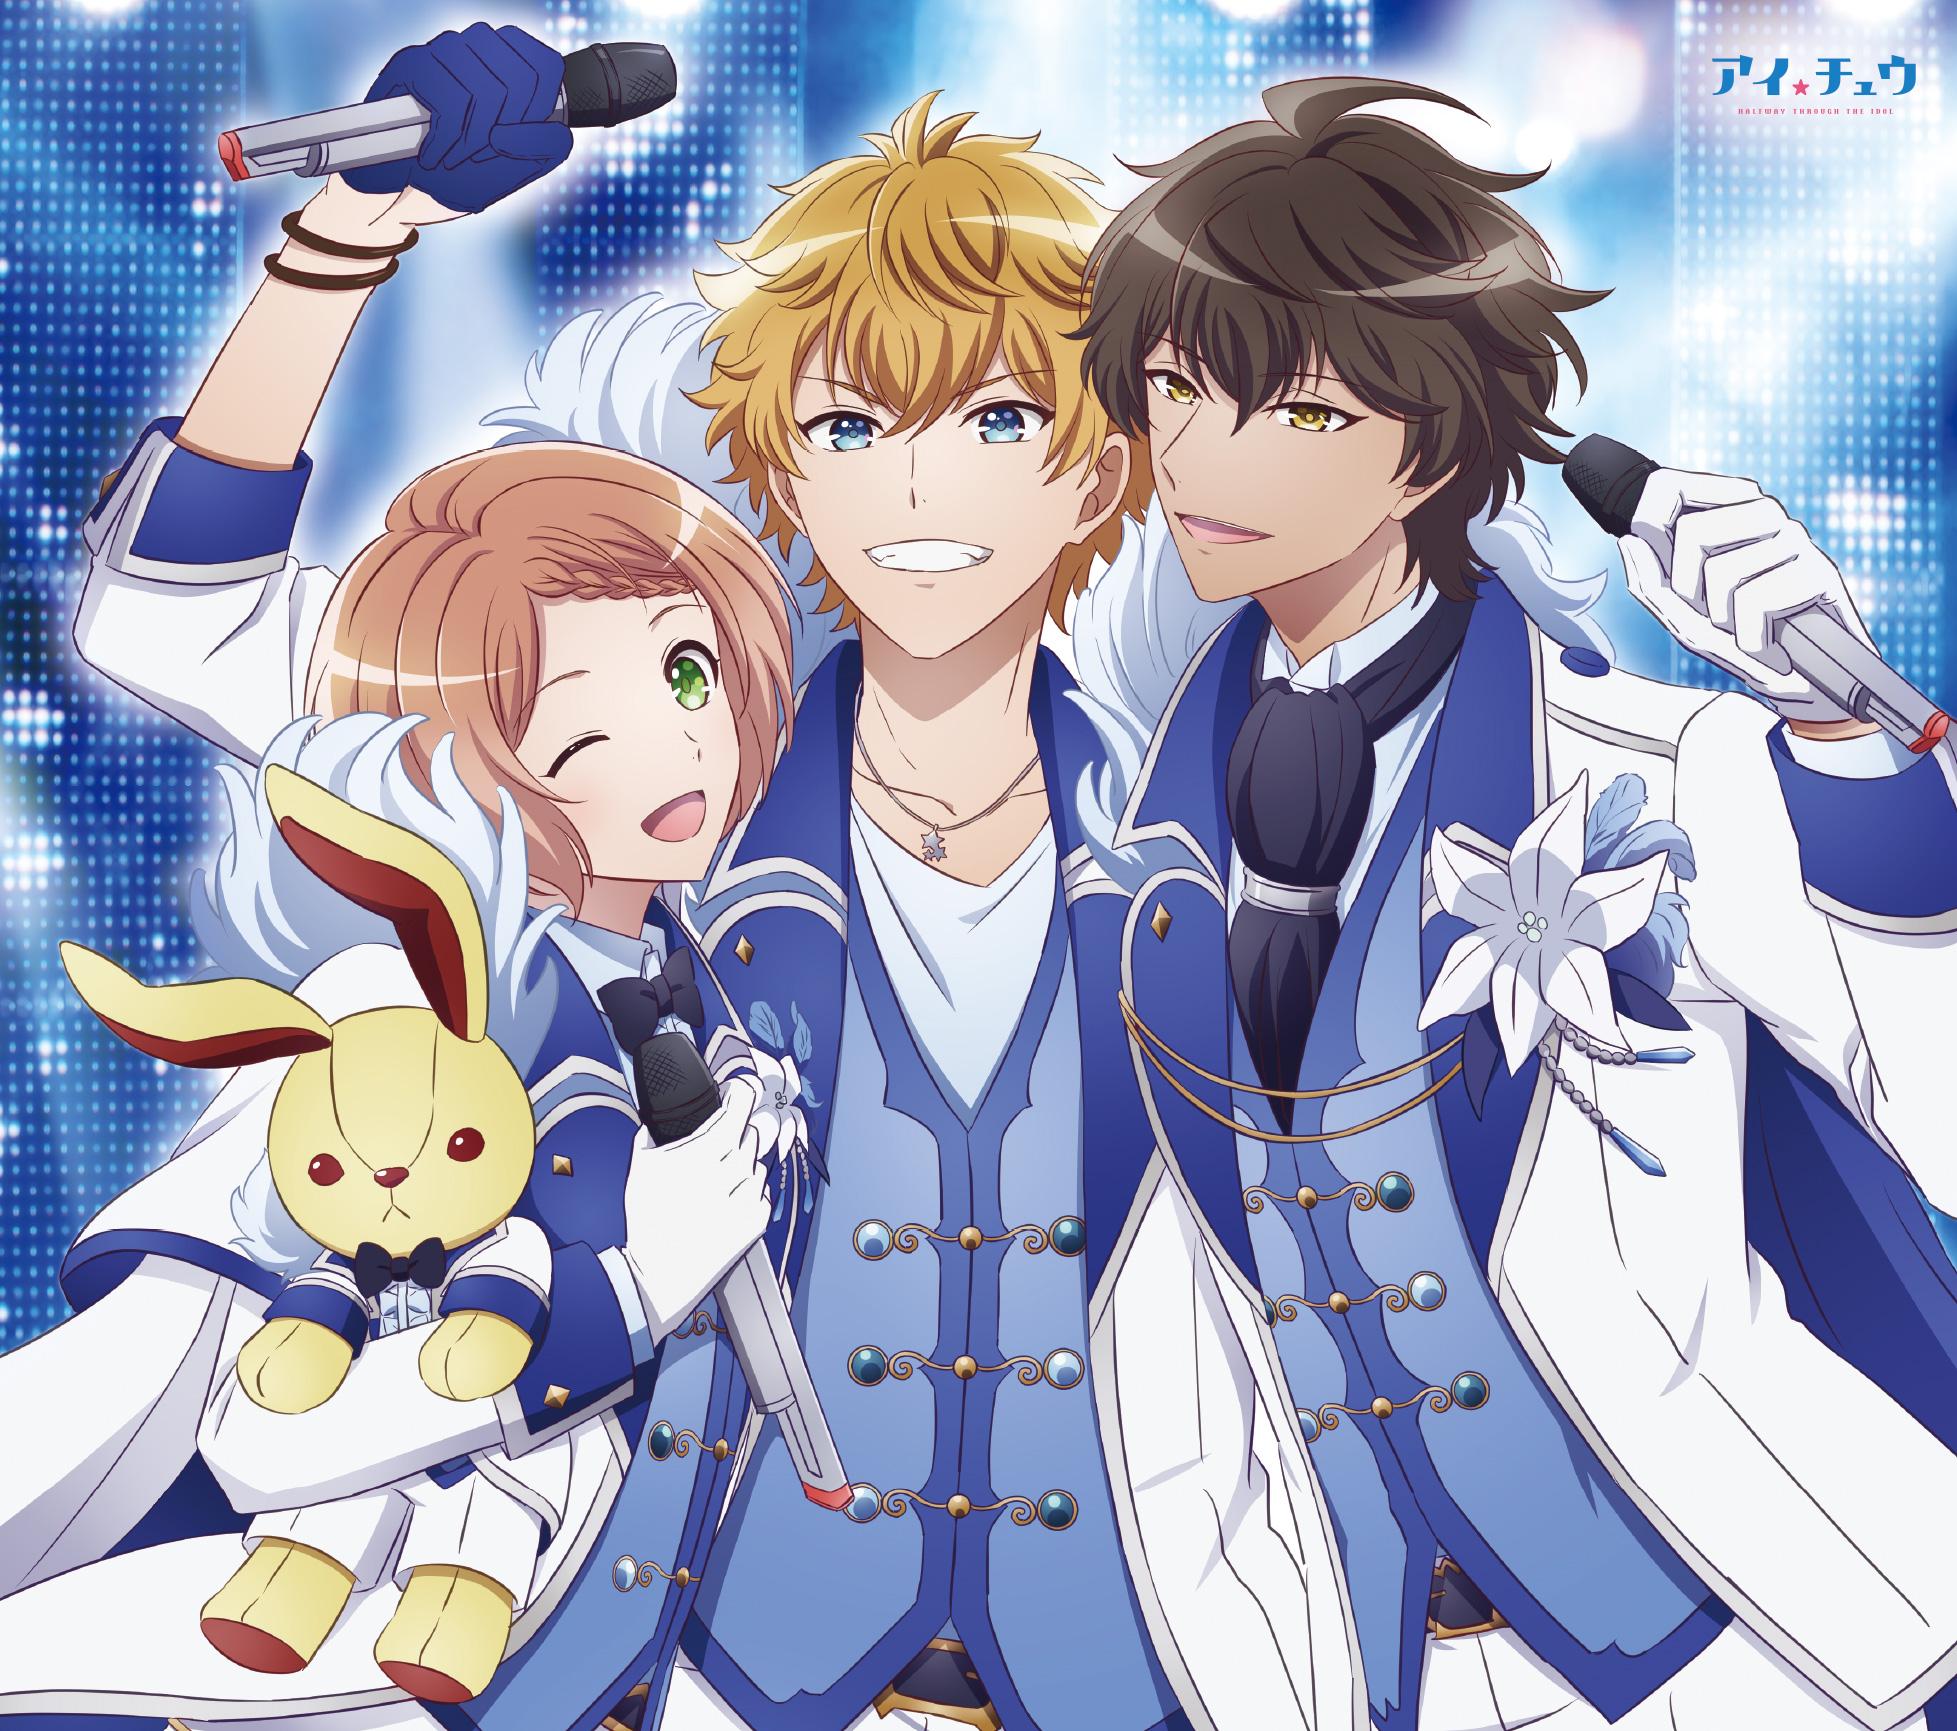 TVアニメ「アイ★チュウ」主題歌シングル「一番星」初回限定盤ジャケット